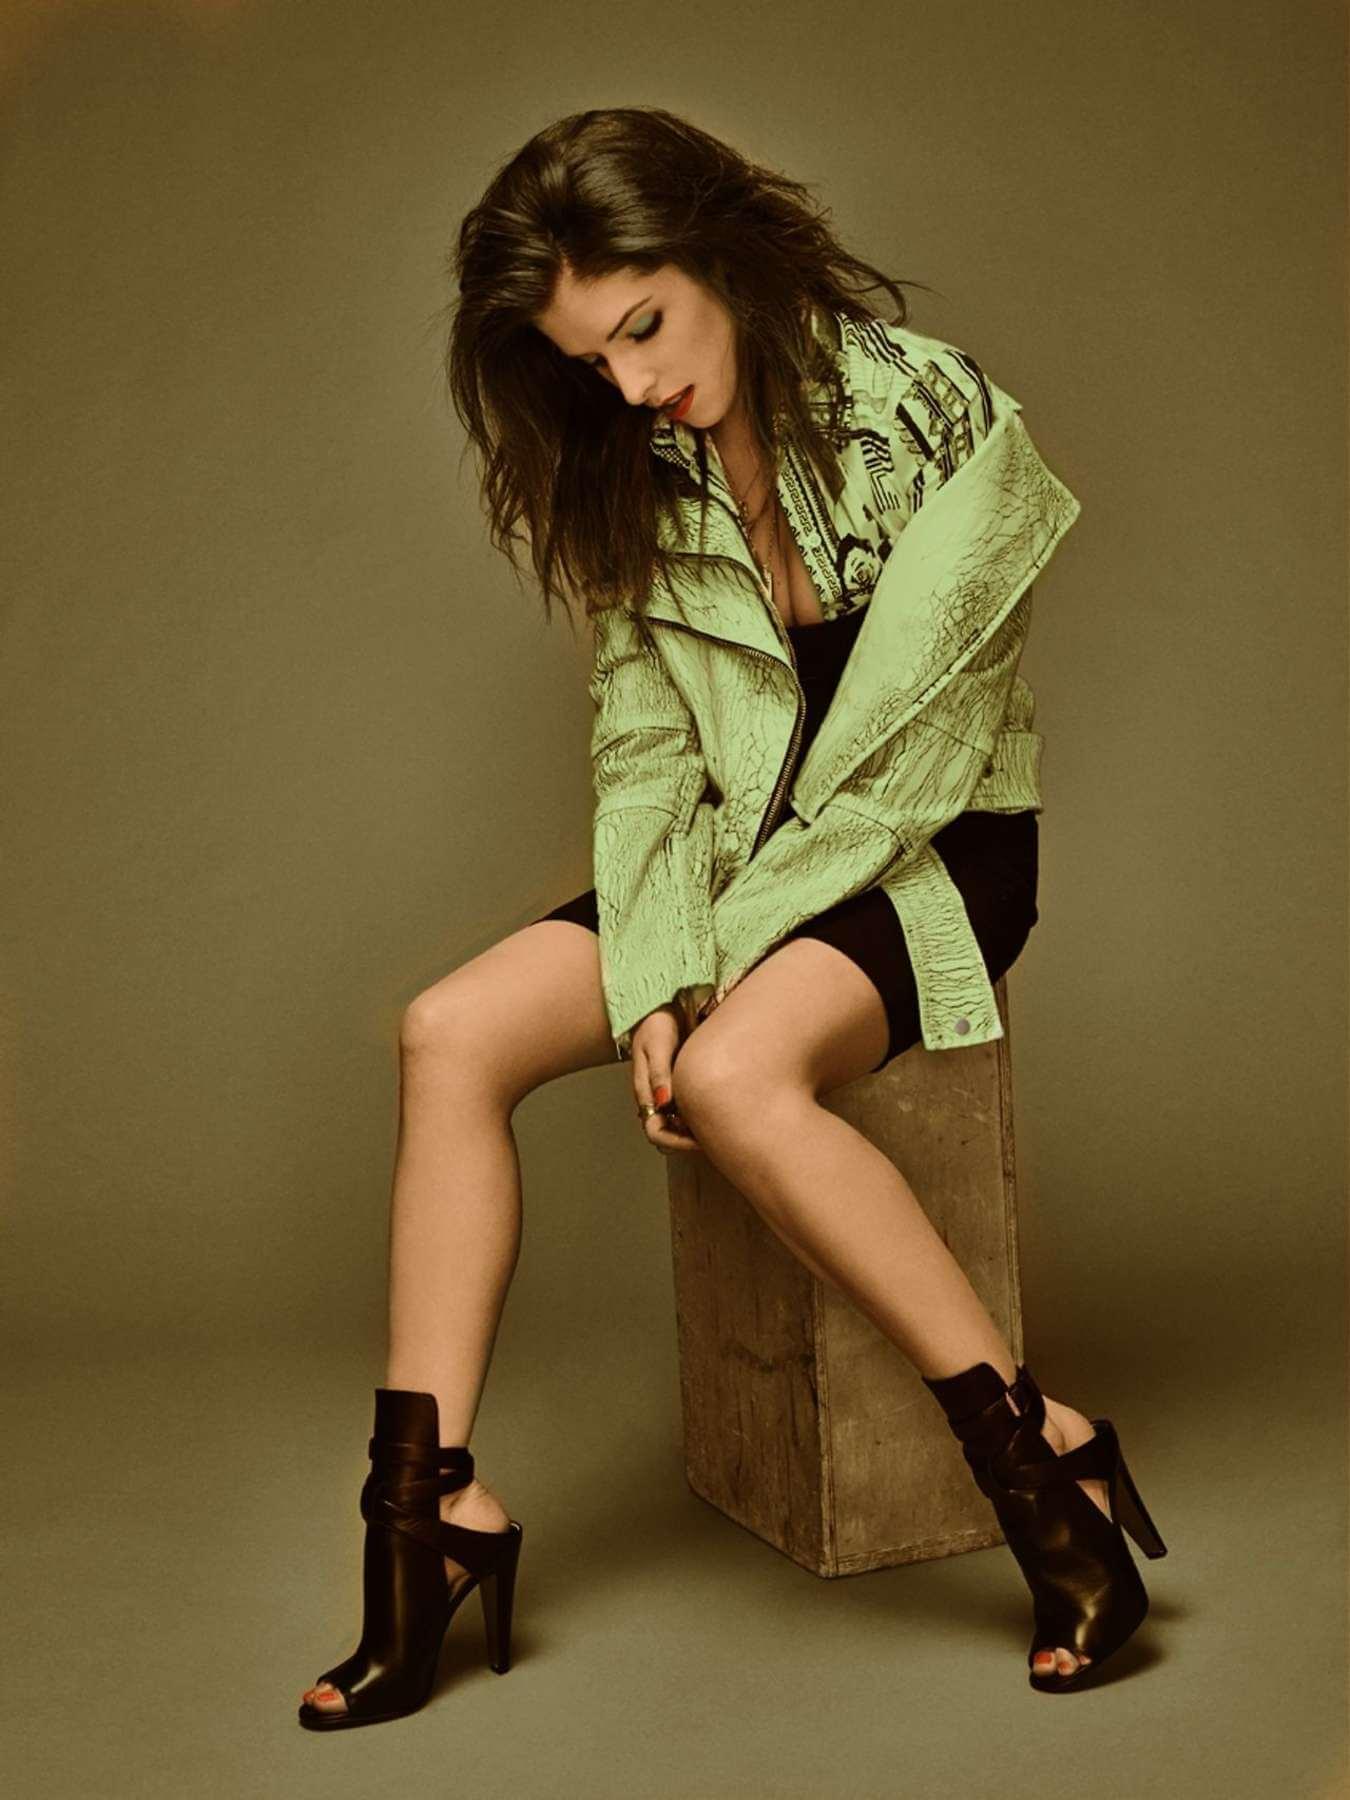 Anna Kendrick stunning